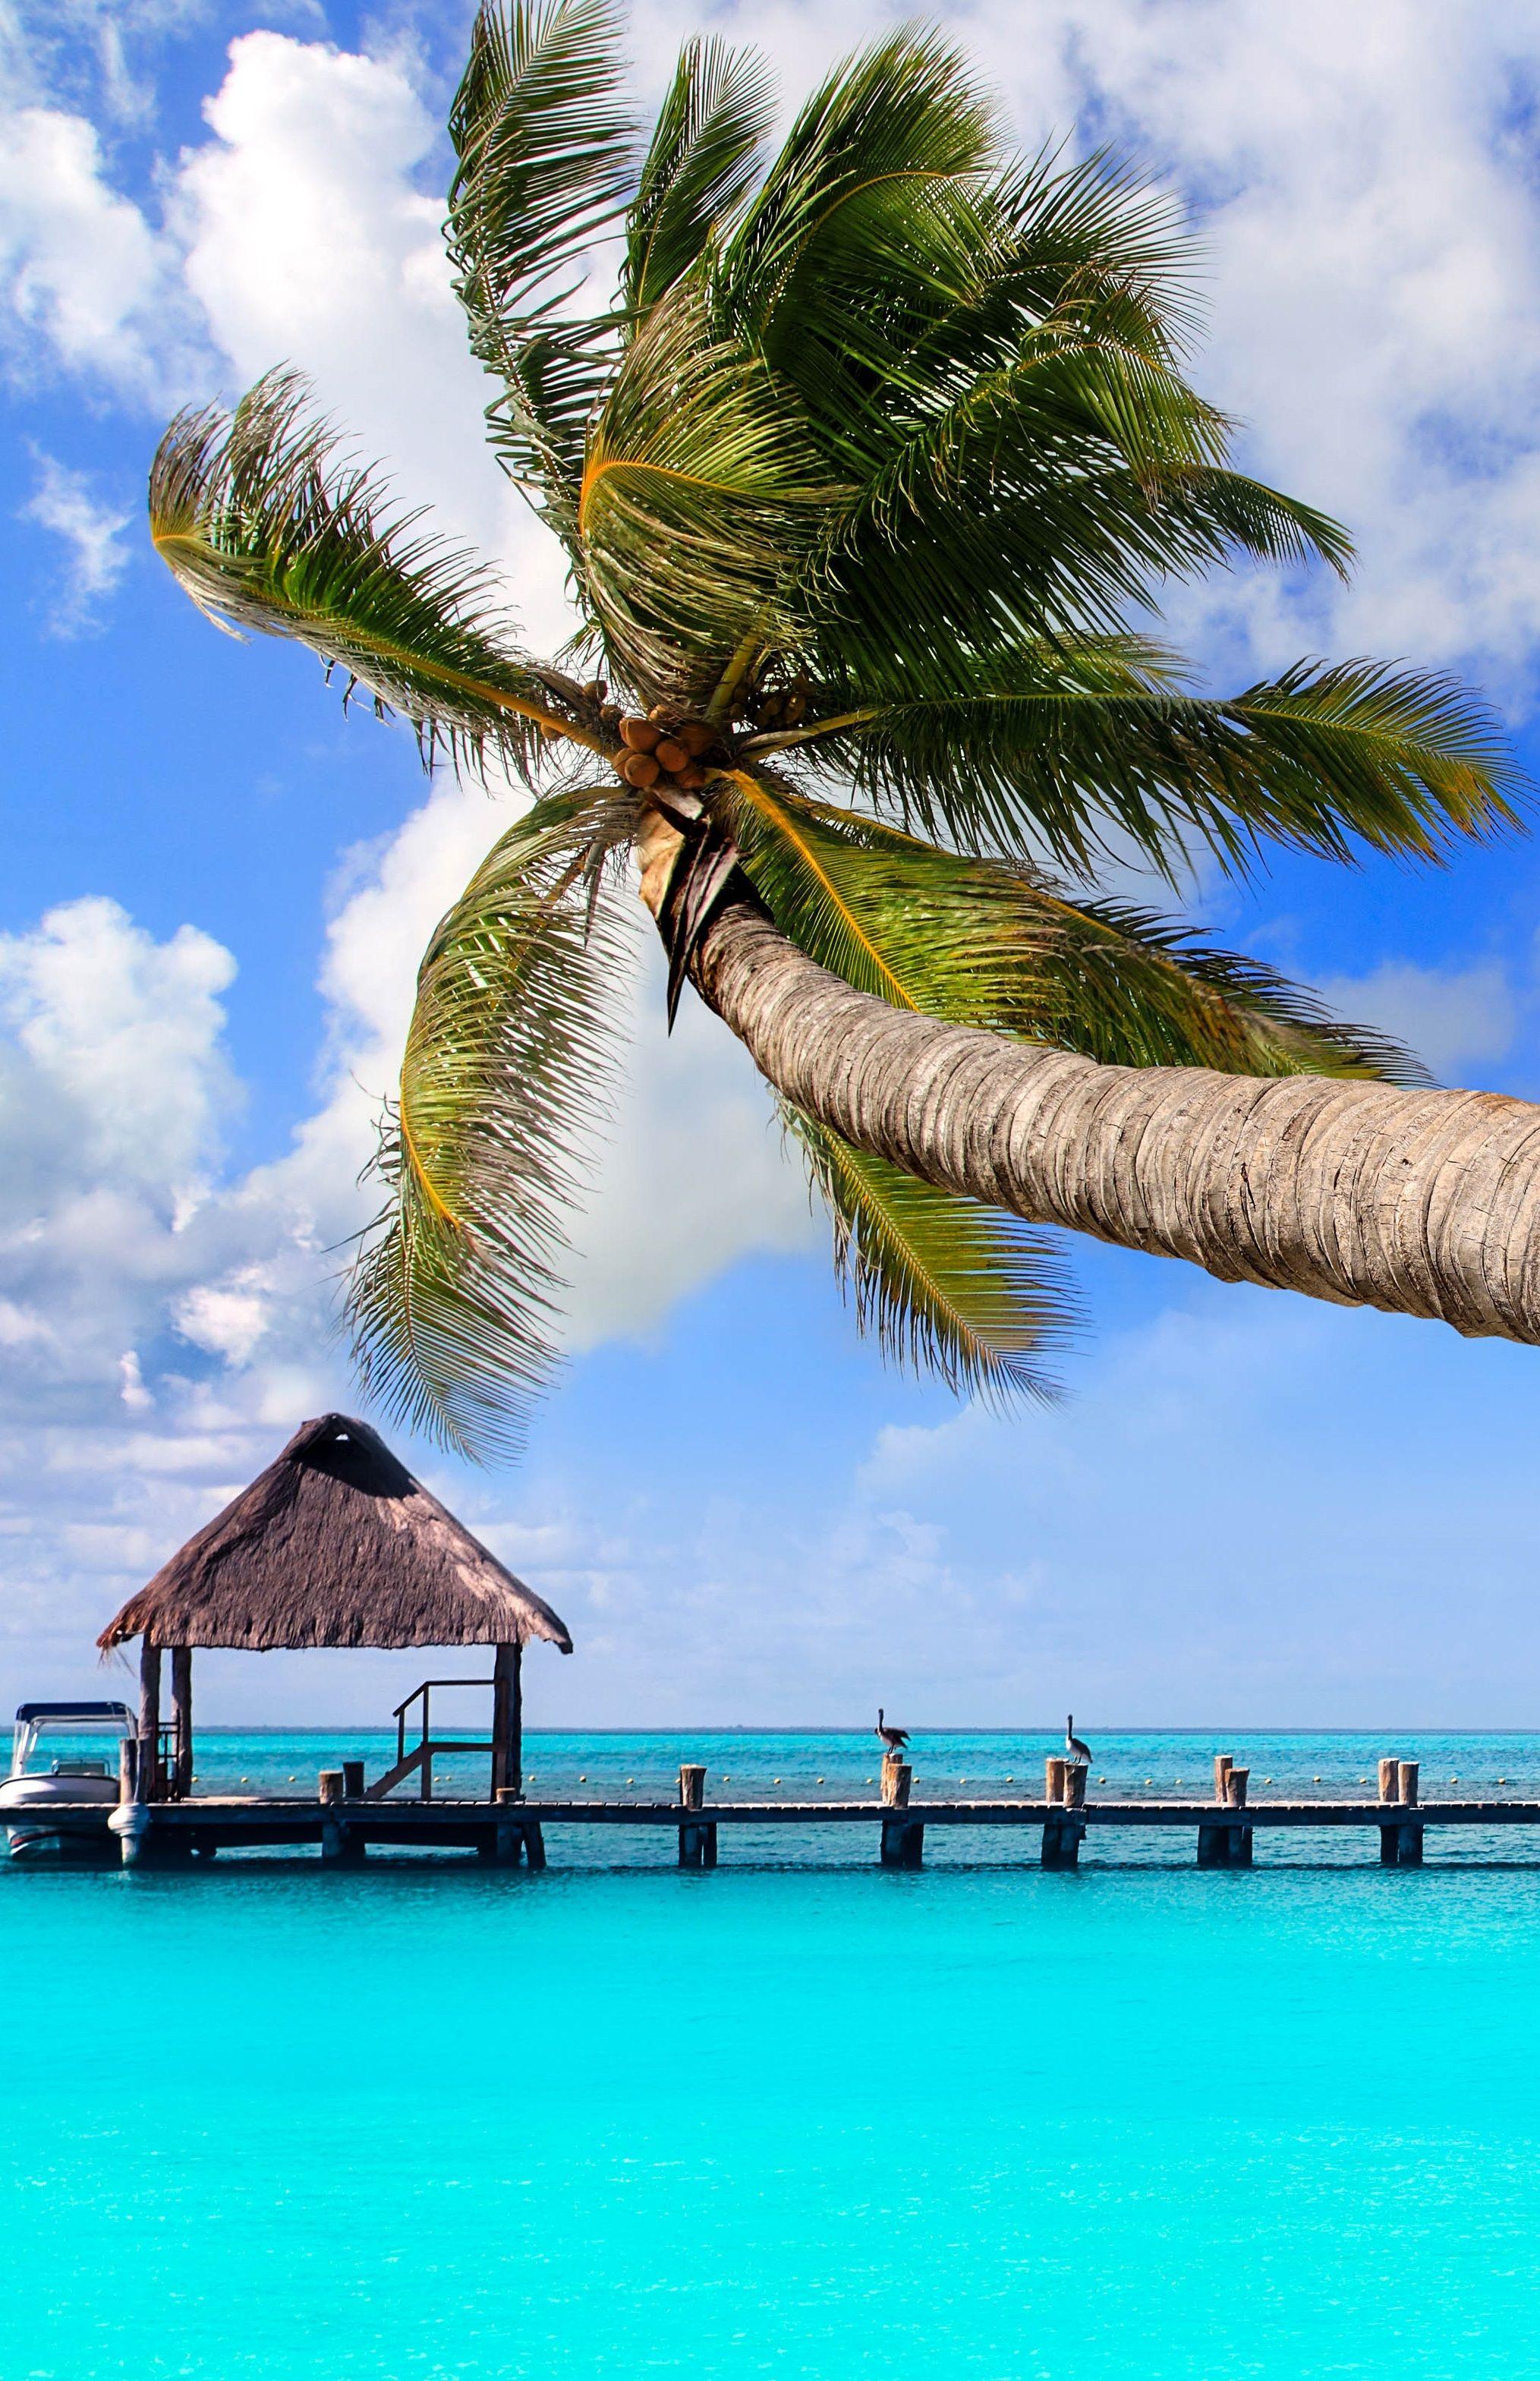 Urlaub In Mexiko Meine Cancun Tipps Fur Euch Urlaubsguru Mexiko Urlaub Mexiko Reisen Mexiko Rundreise